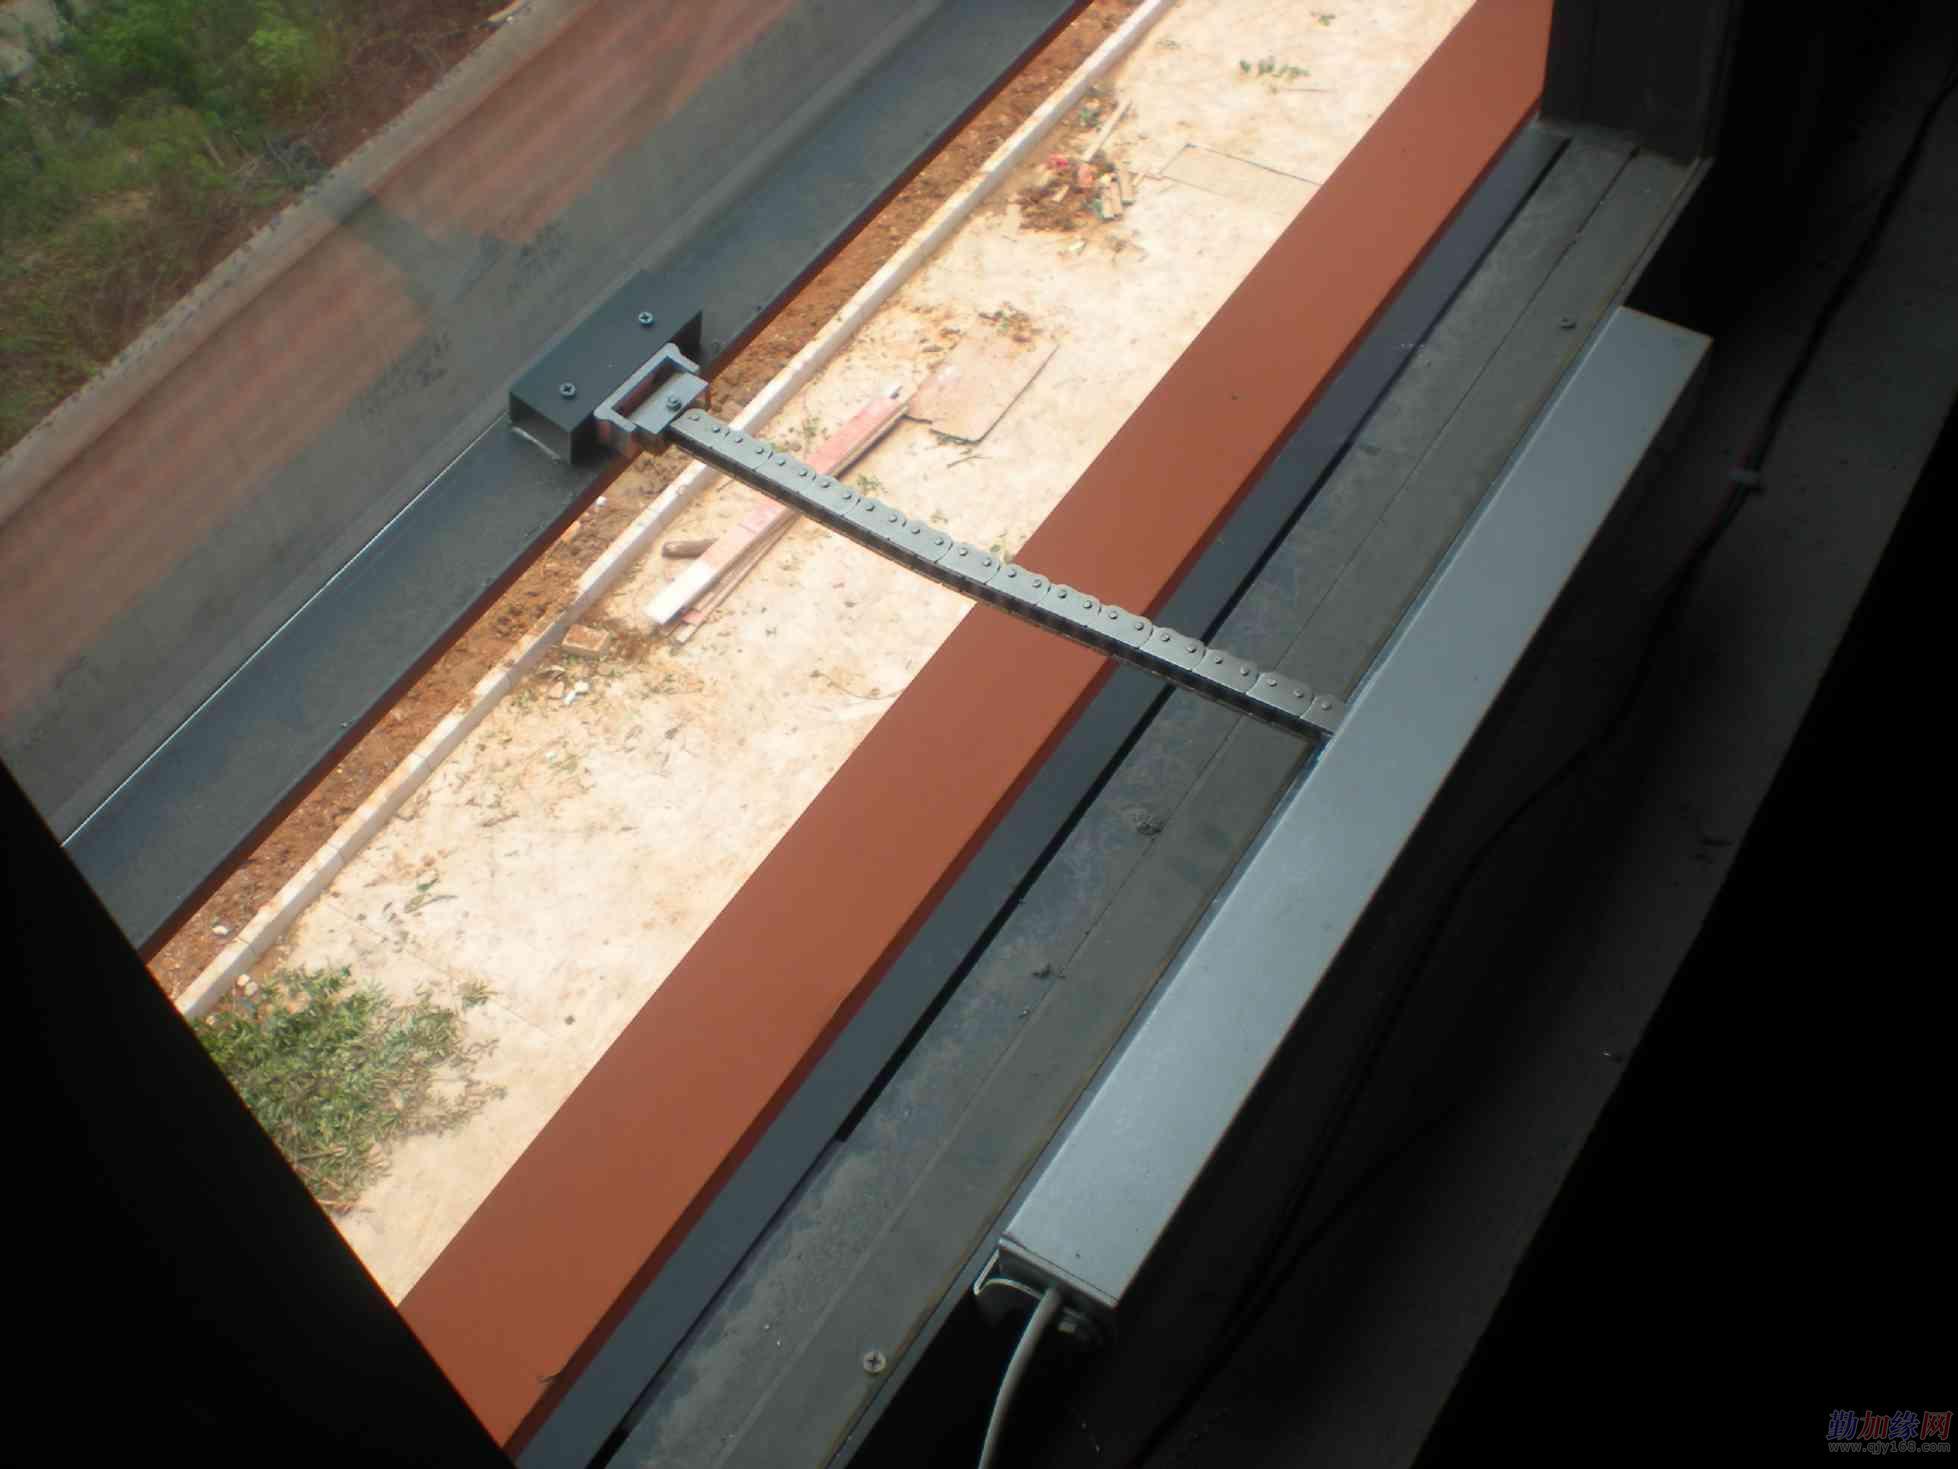 广州蓝姆珈机电设备生产的sw系列双链式电动开窗器可木工马氏刨床图片